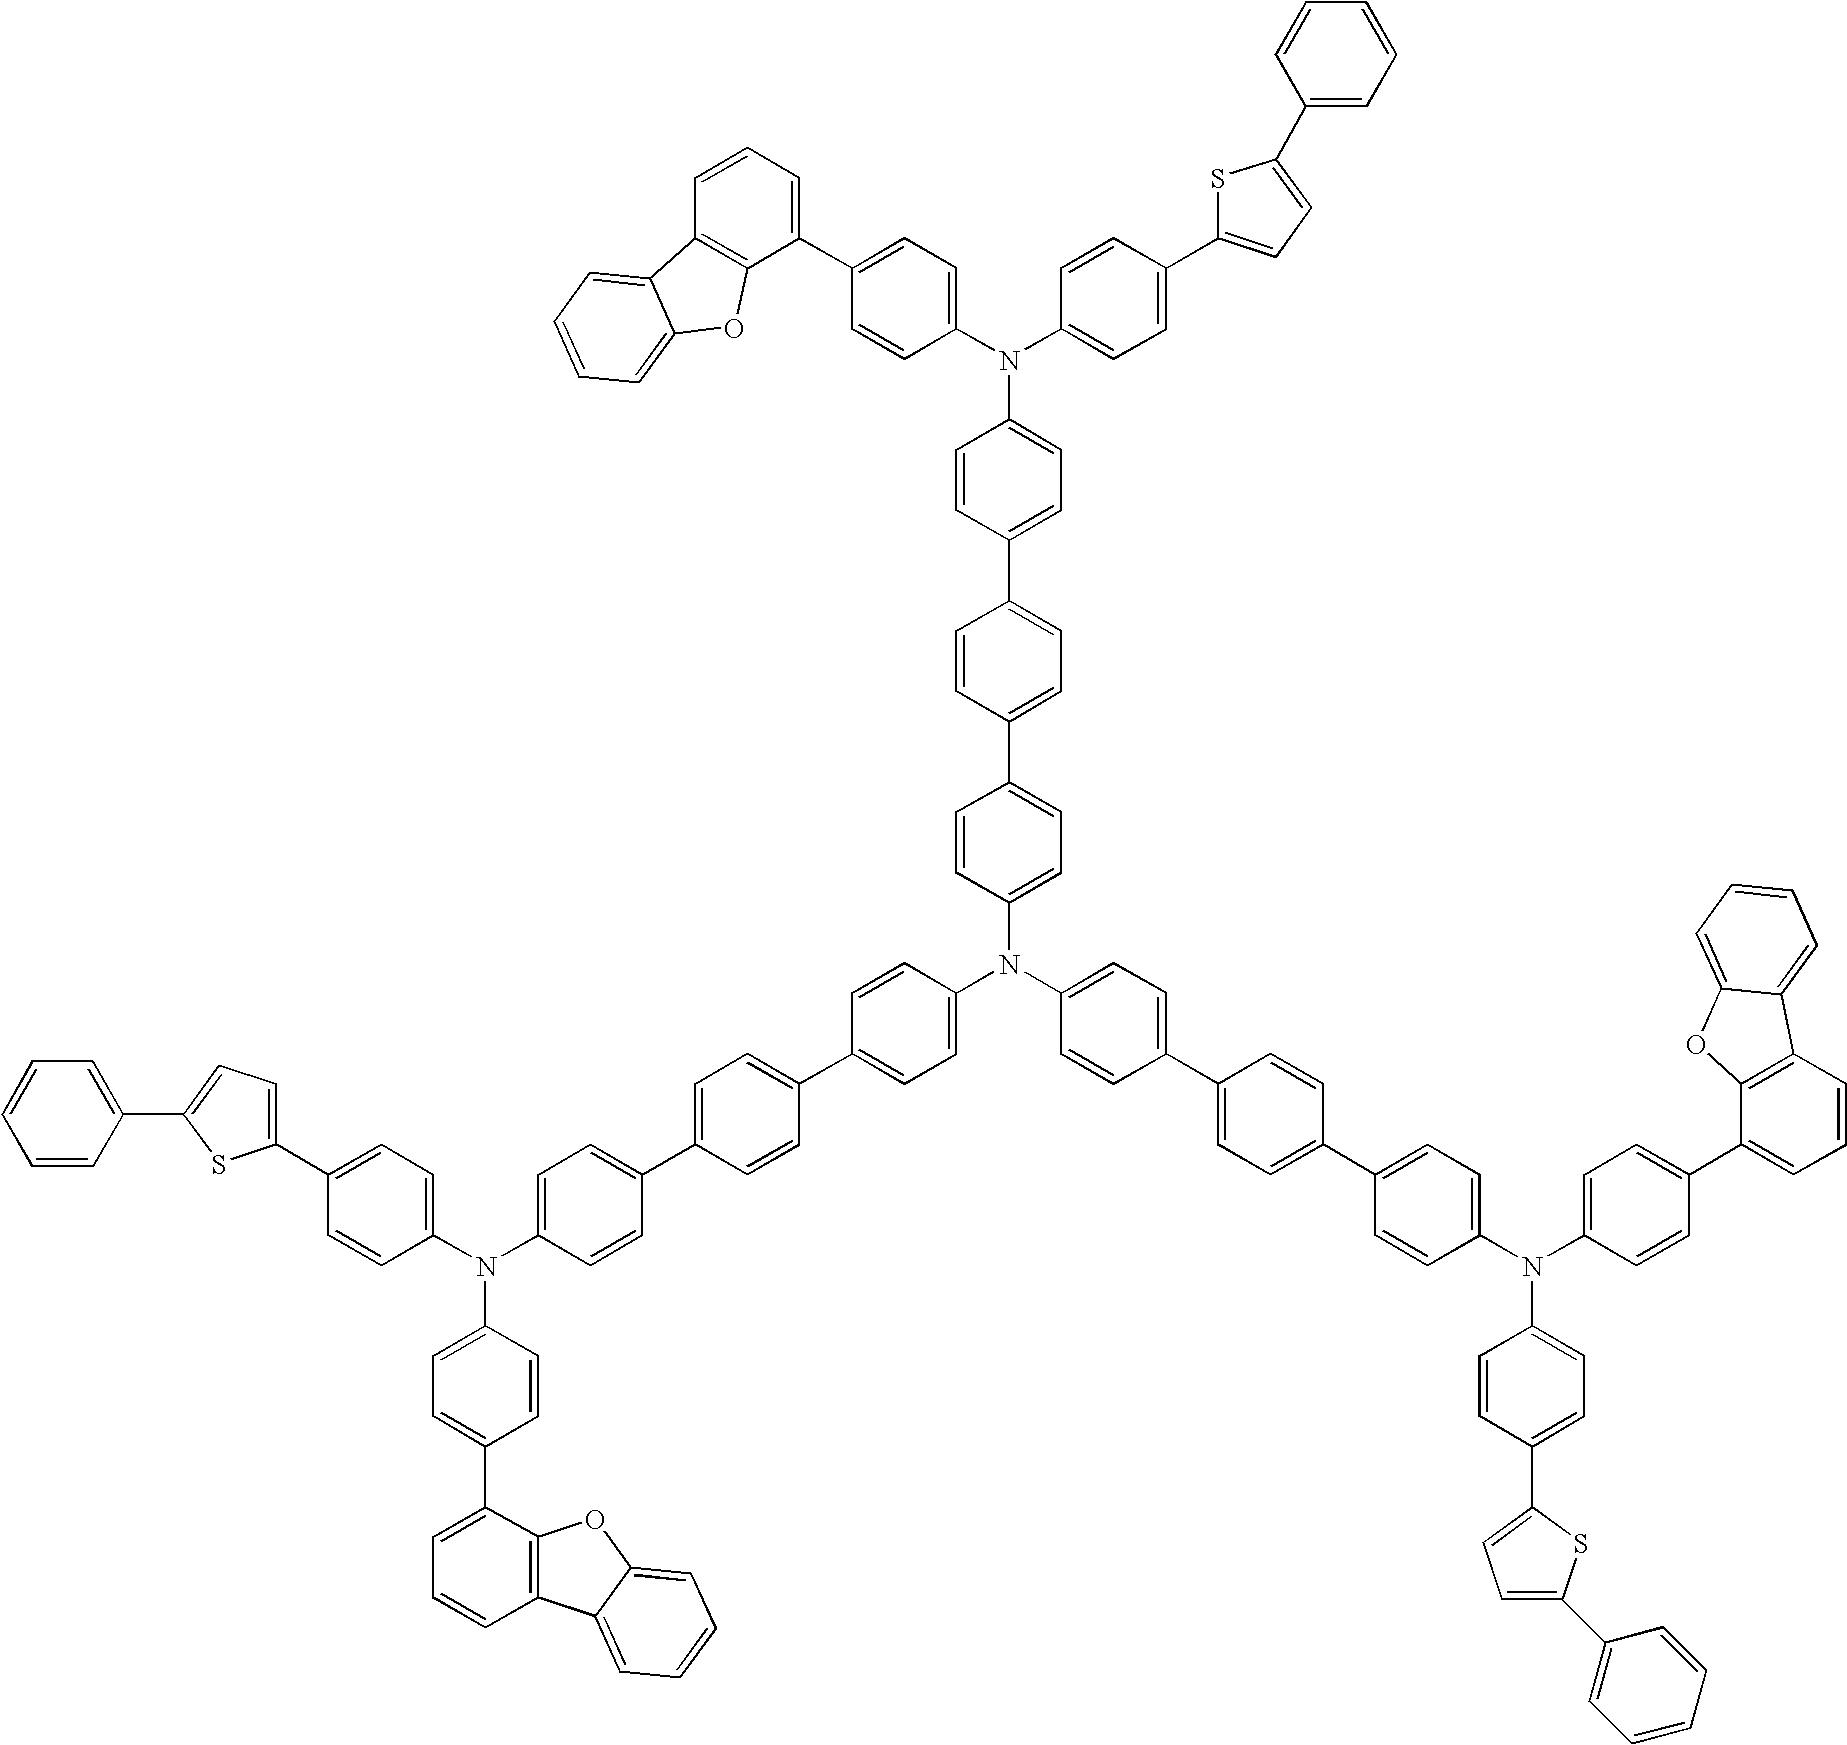 Figure US20090066235A1-20090312-C00064